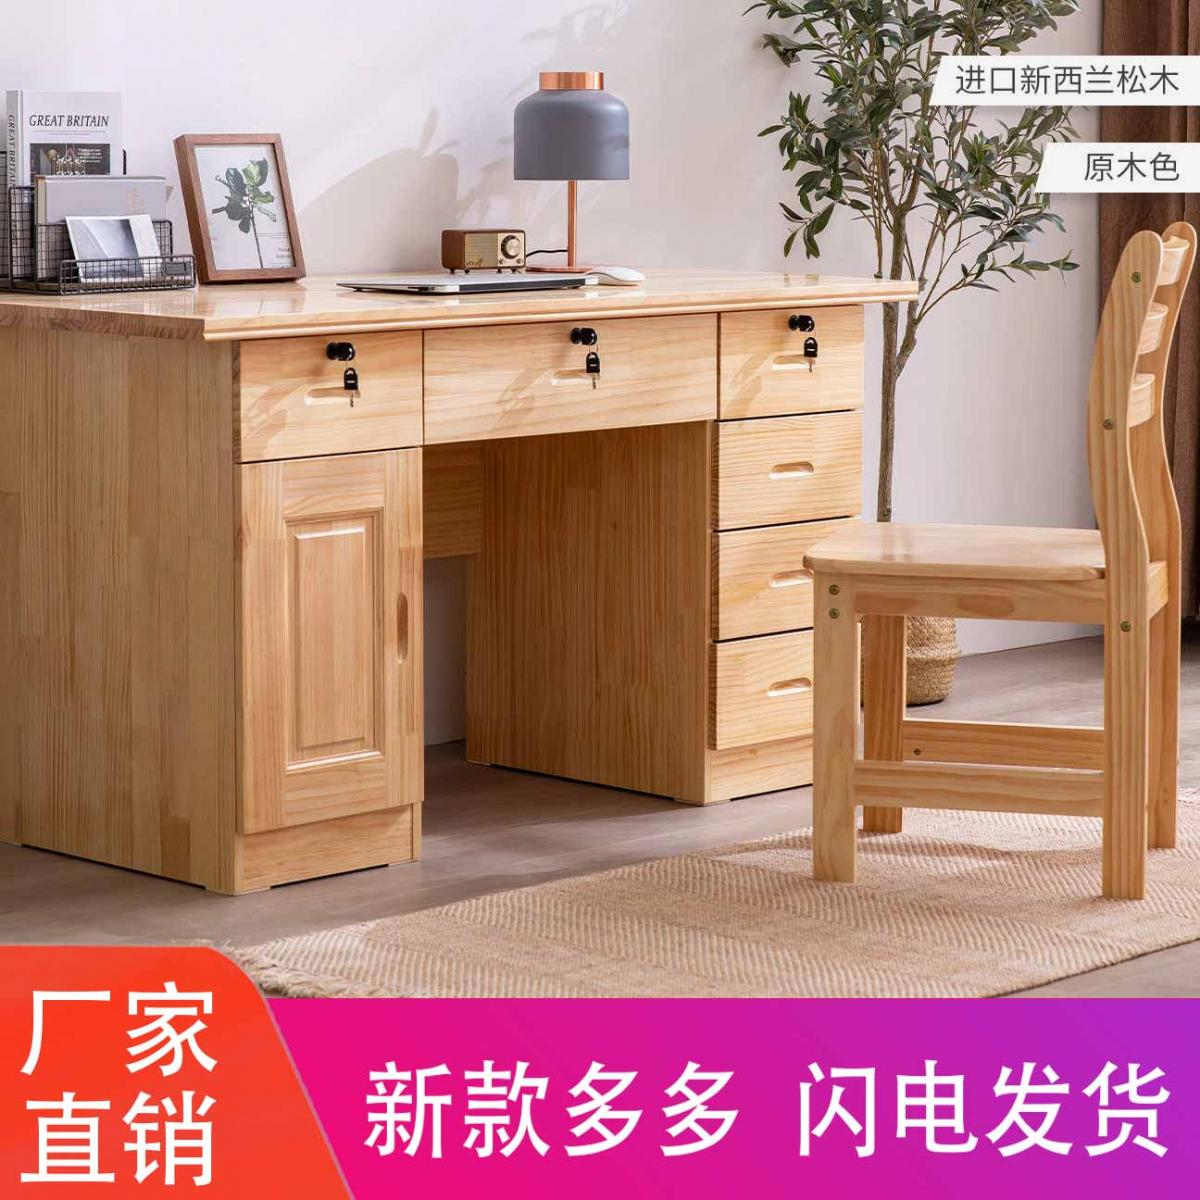 简约儿童电脑台式桌全实木书桌书架组合家用中小学生学习桌写字台